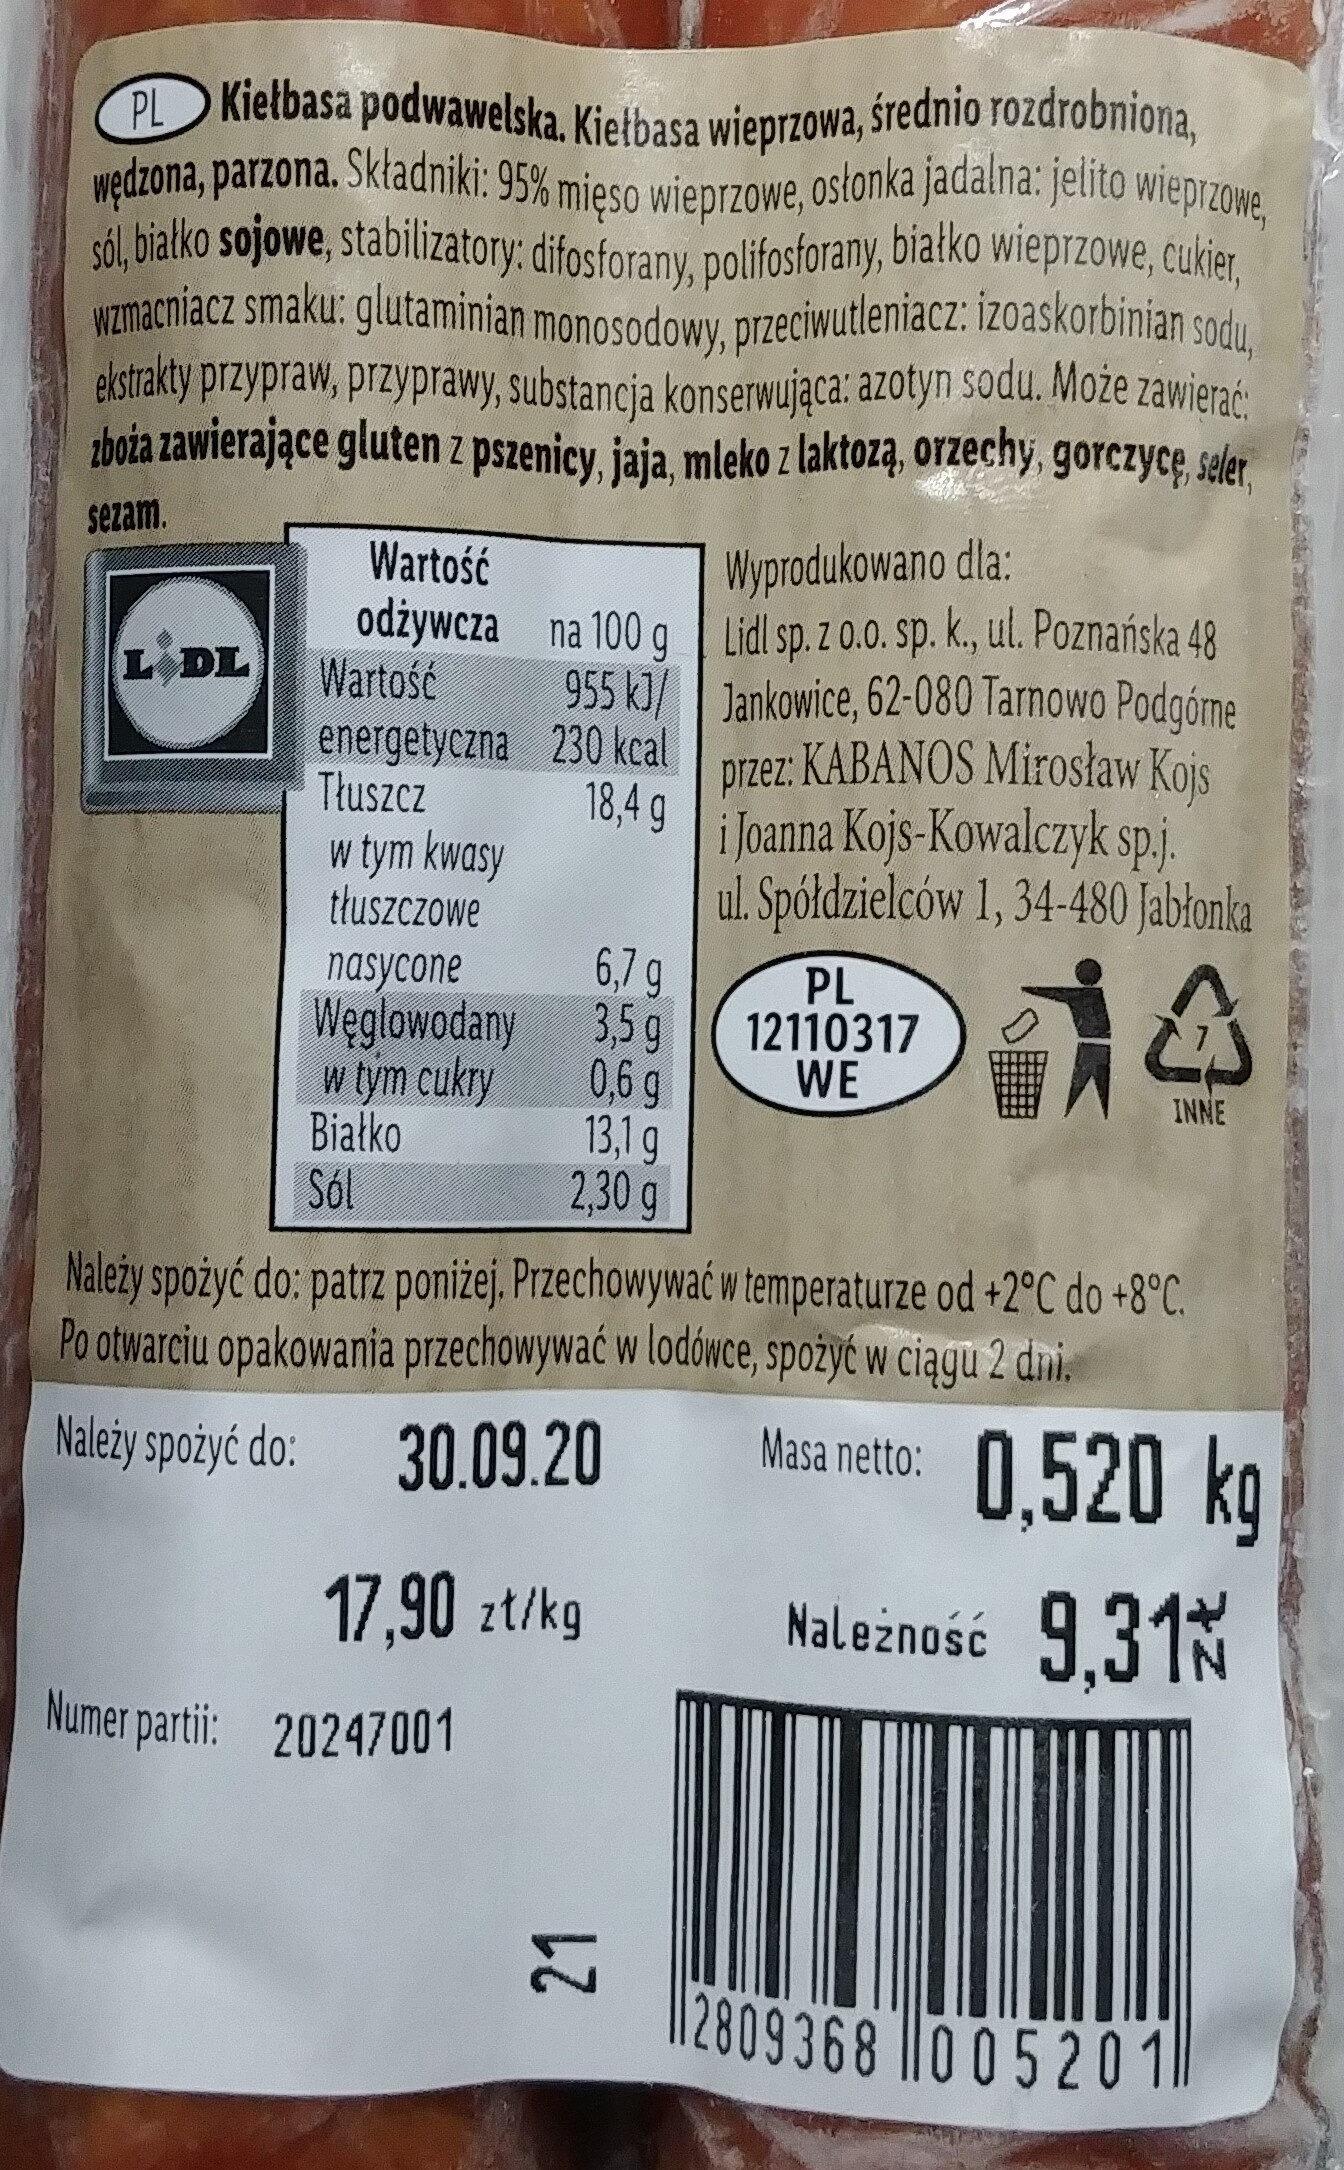 Kiełbasa podwawelska - Product - pl